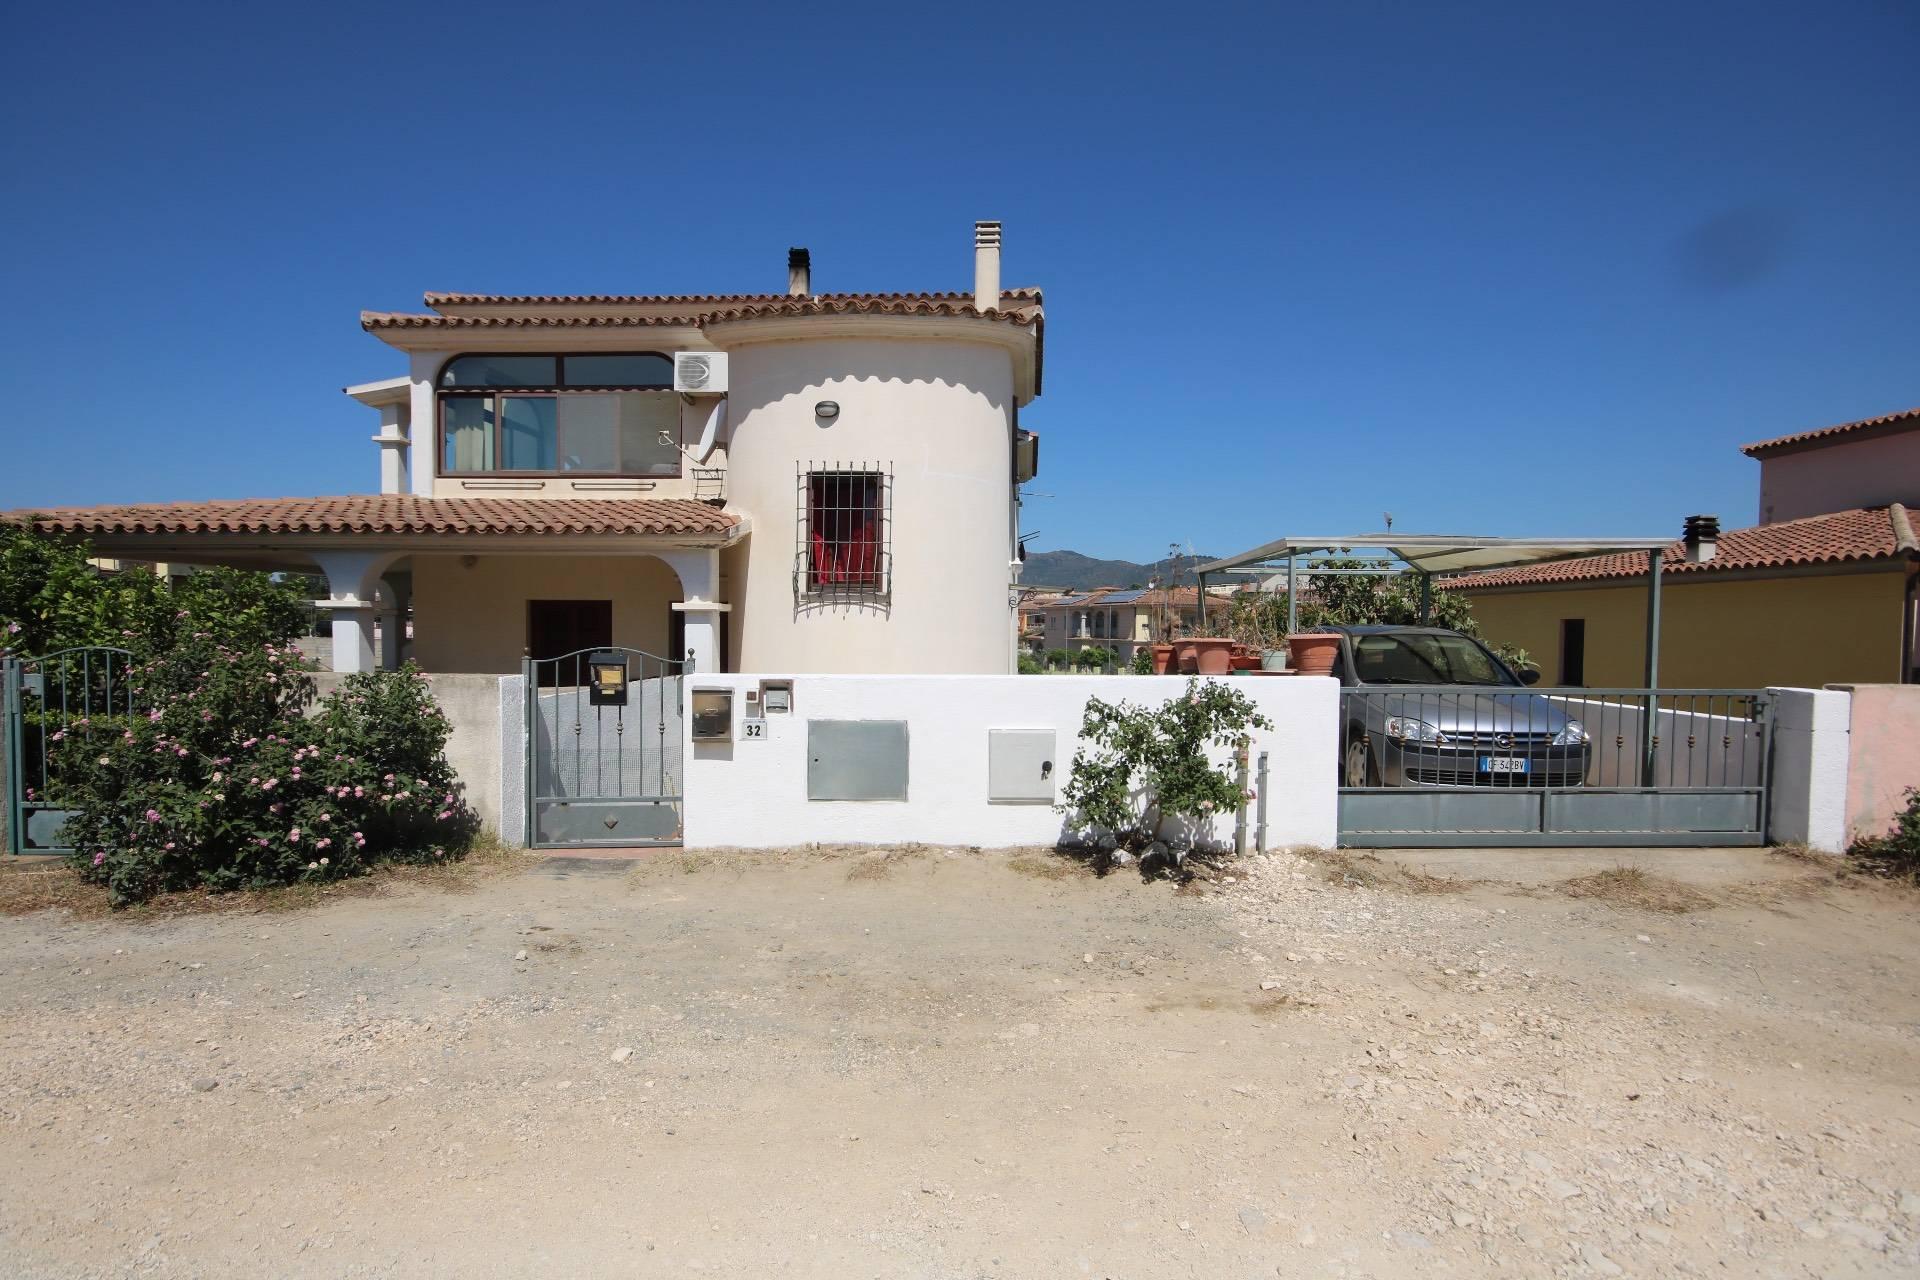 Appartamento in vendita a Posada, 4 locali, prezzo € 170.000 | PortaleAgenzieImmobiliari.it